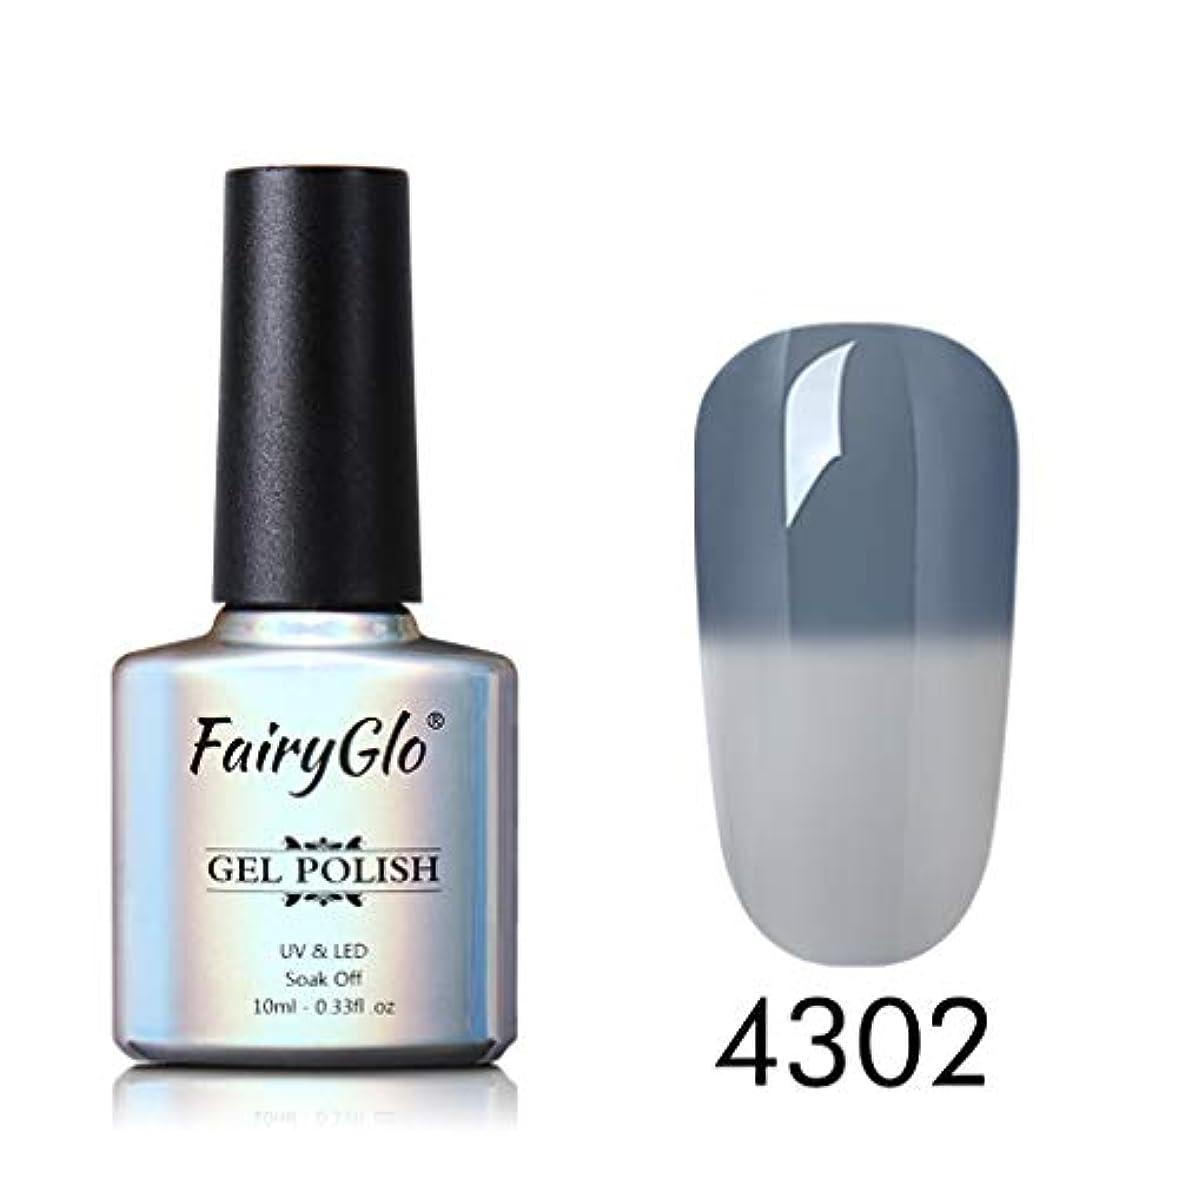 剥離確認してください動脈Fairyglo ジェルネイル カラージェル グレー カメレオンカラージェル 温度により色が変化 1色入り 10ml 【全6色選択可】